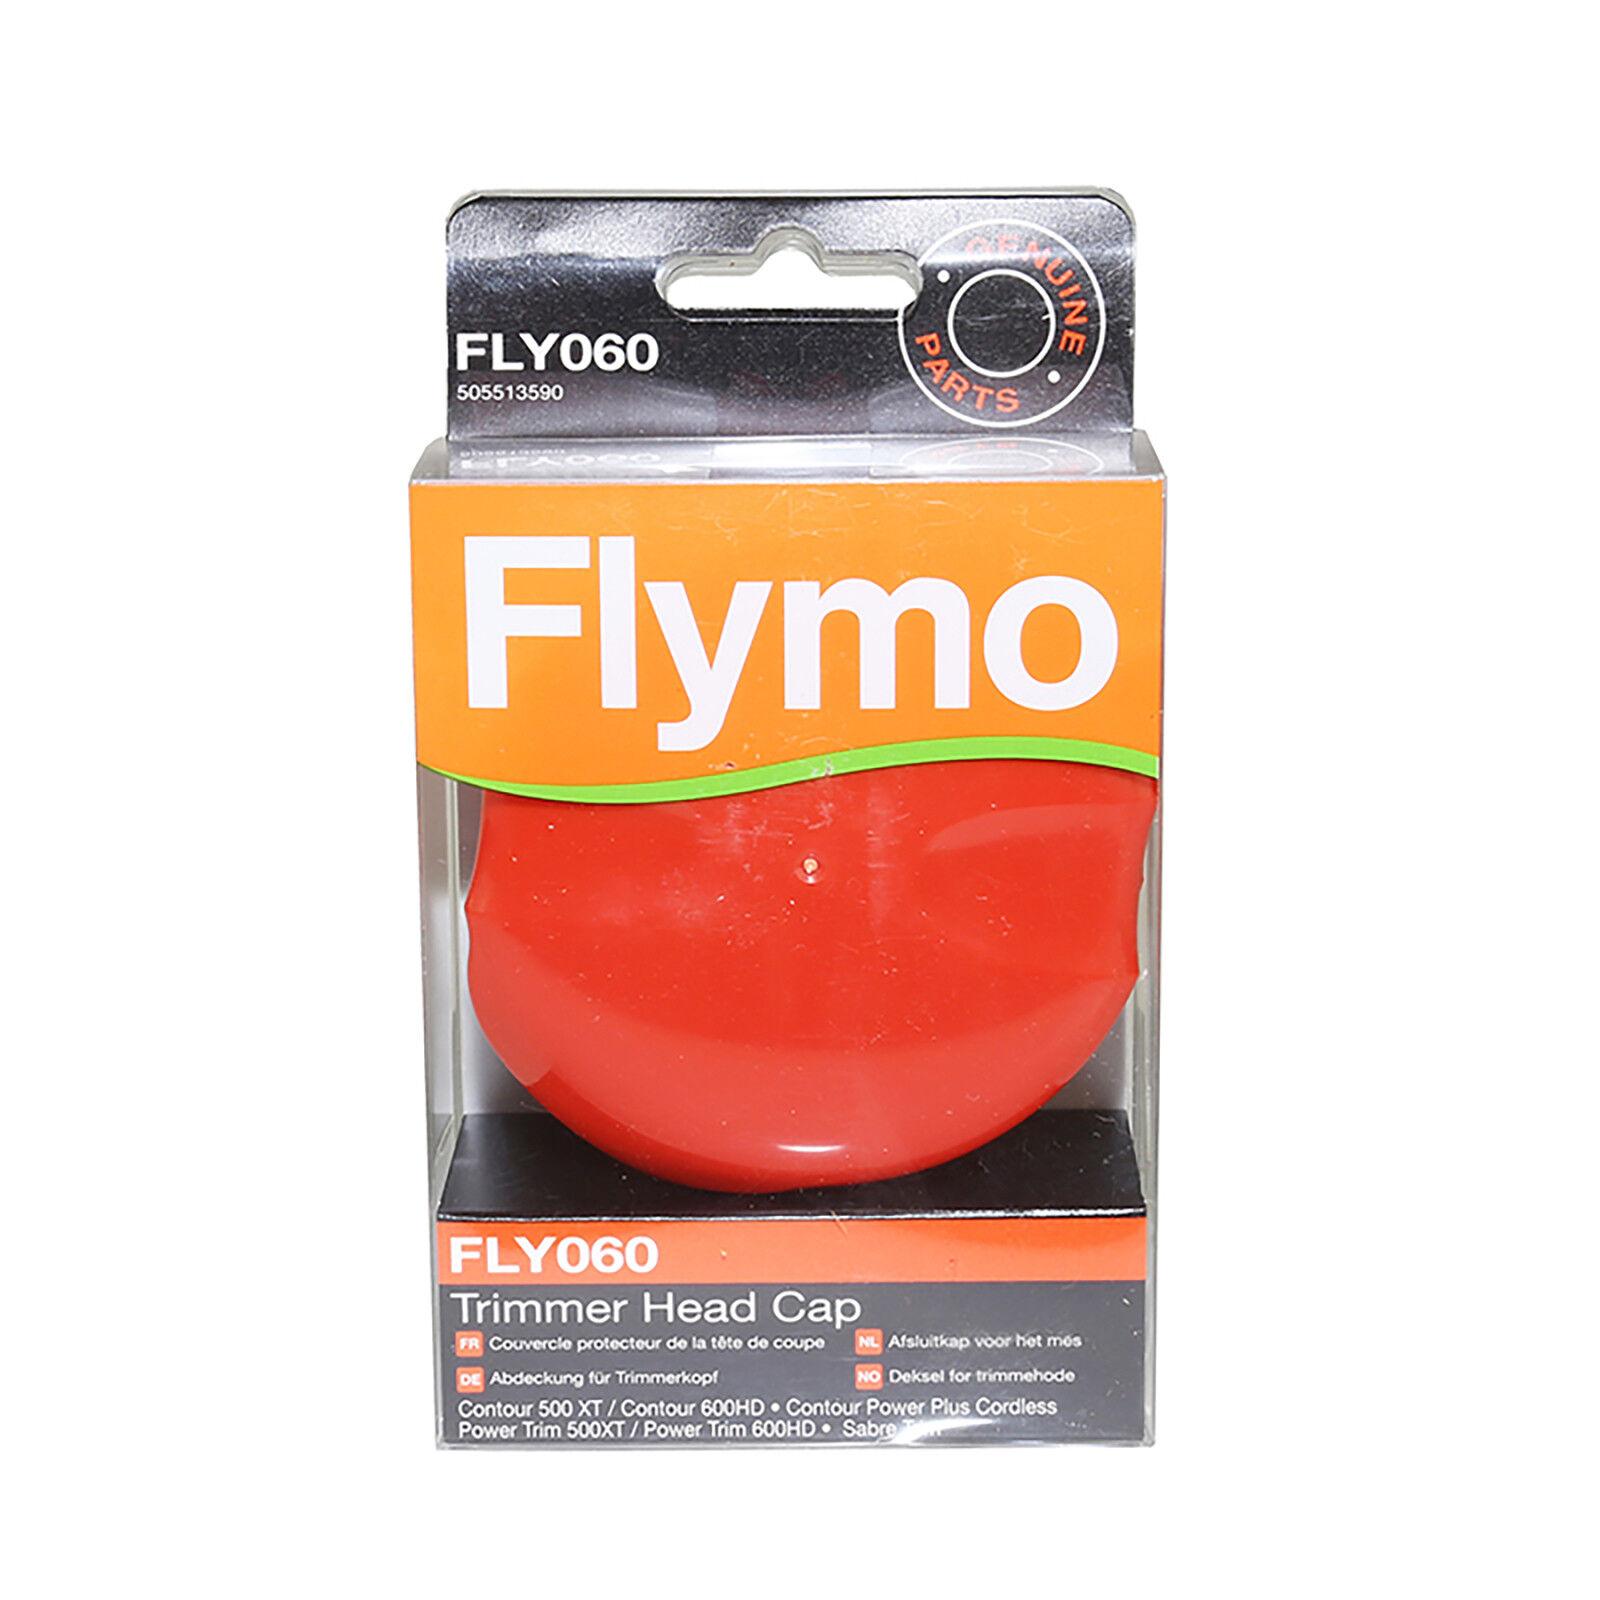 2 Line Spools Fits FLYMO CONTOUR 500 XP 700 POWER PLUS PTXT25, Spool Cap Cover